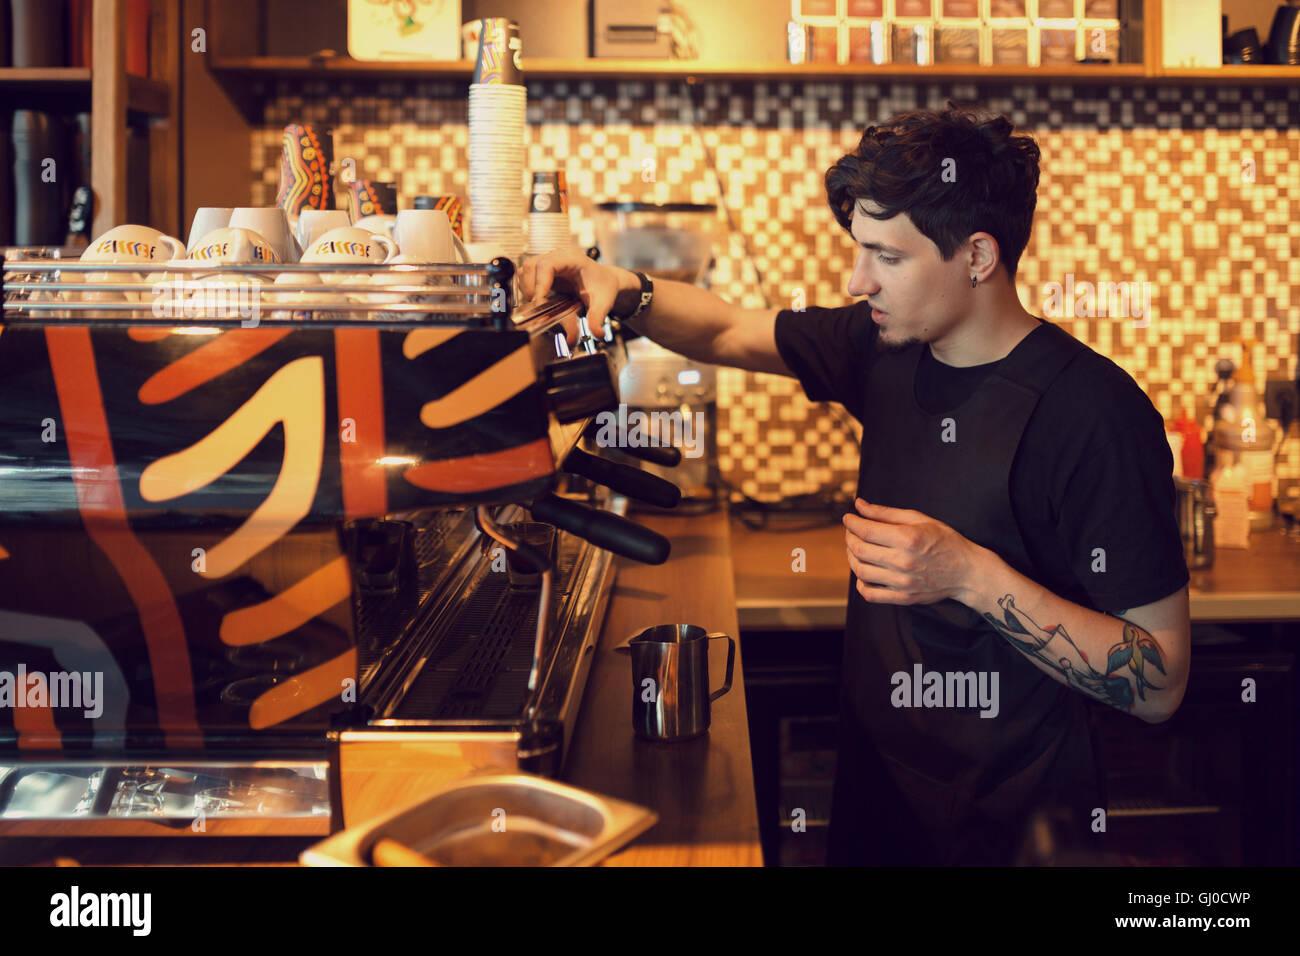 Barista bei der Arbeit in einem Coffee-shop Stockbild